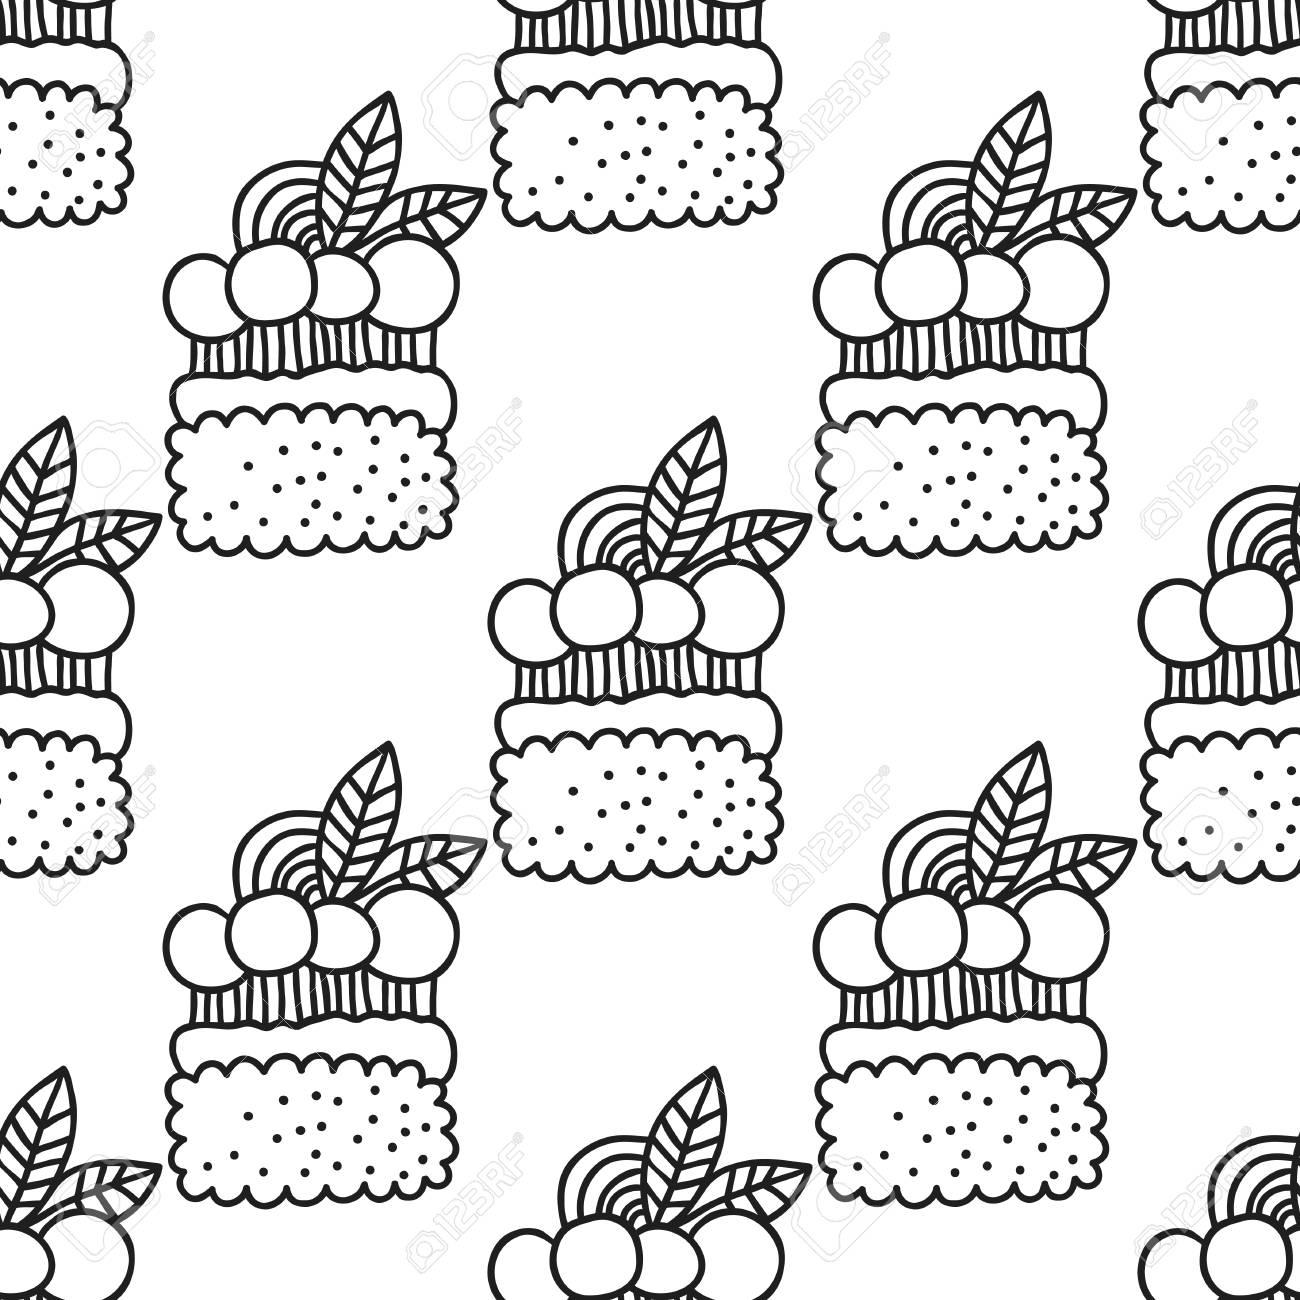 Tortas Y Cupcakes Patrón Transparente Blanco Y Negro Para Colorear Libros O Páginas Ilustración Vectorial